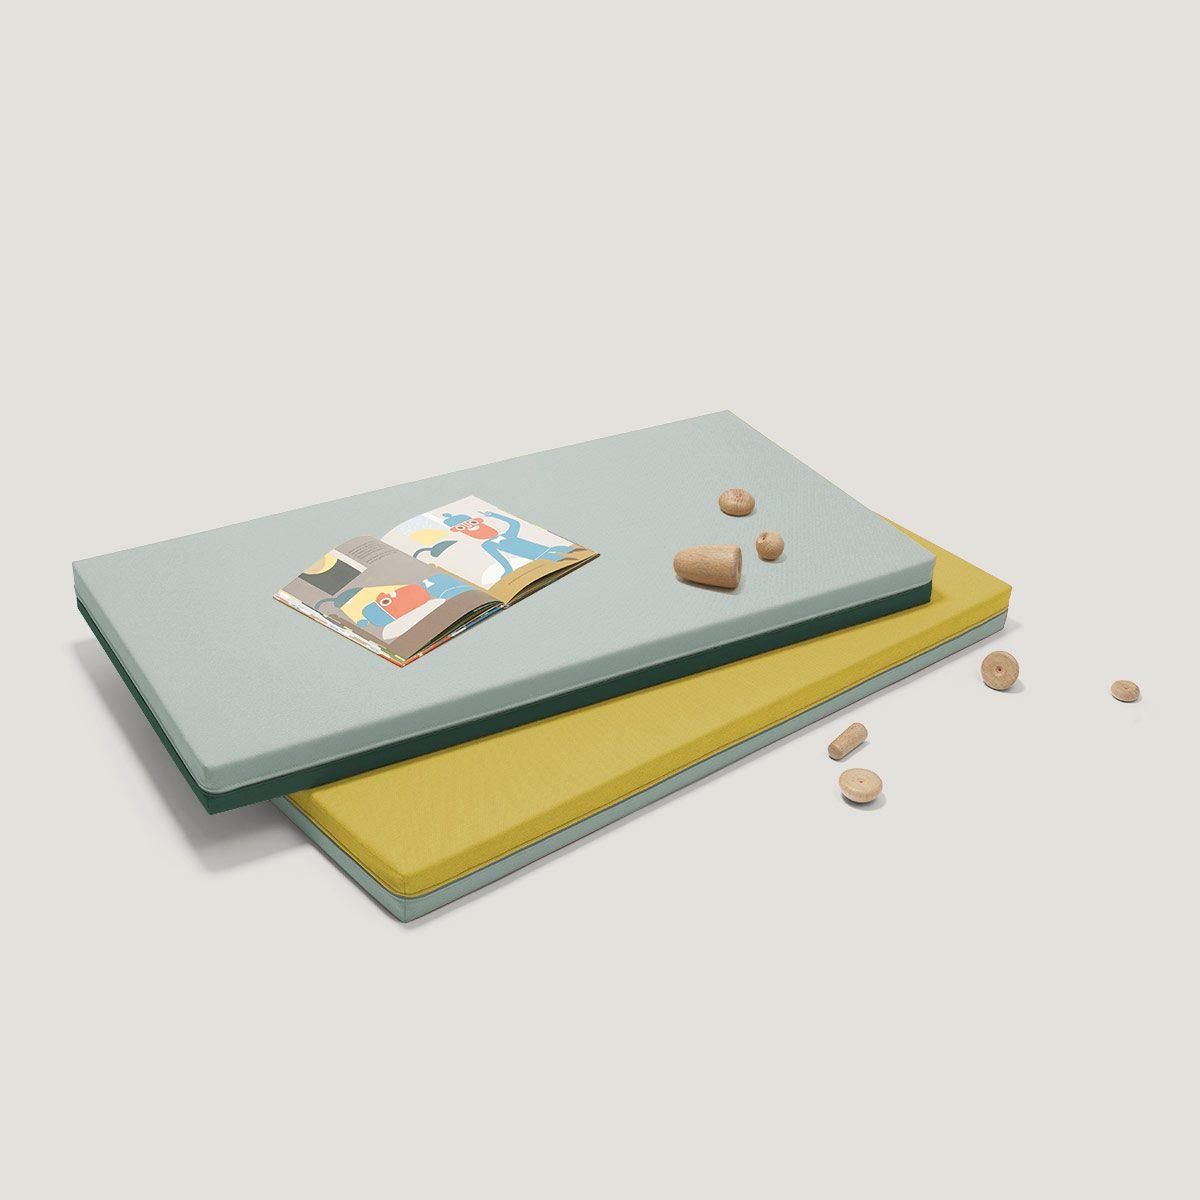 LEVEL play mats